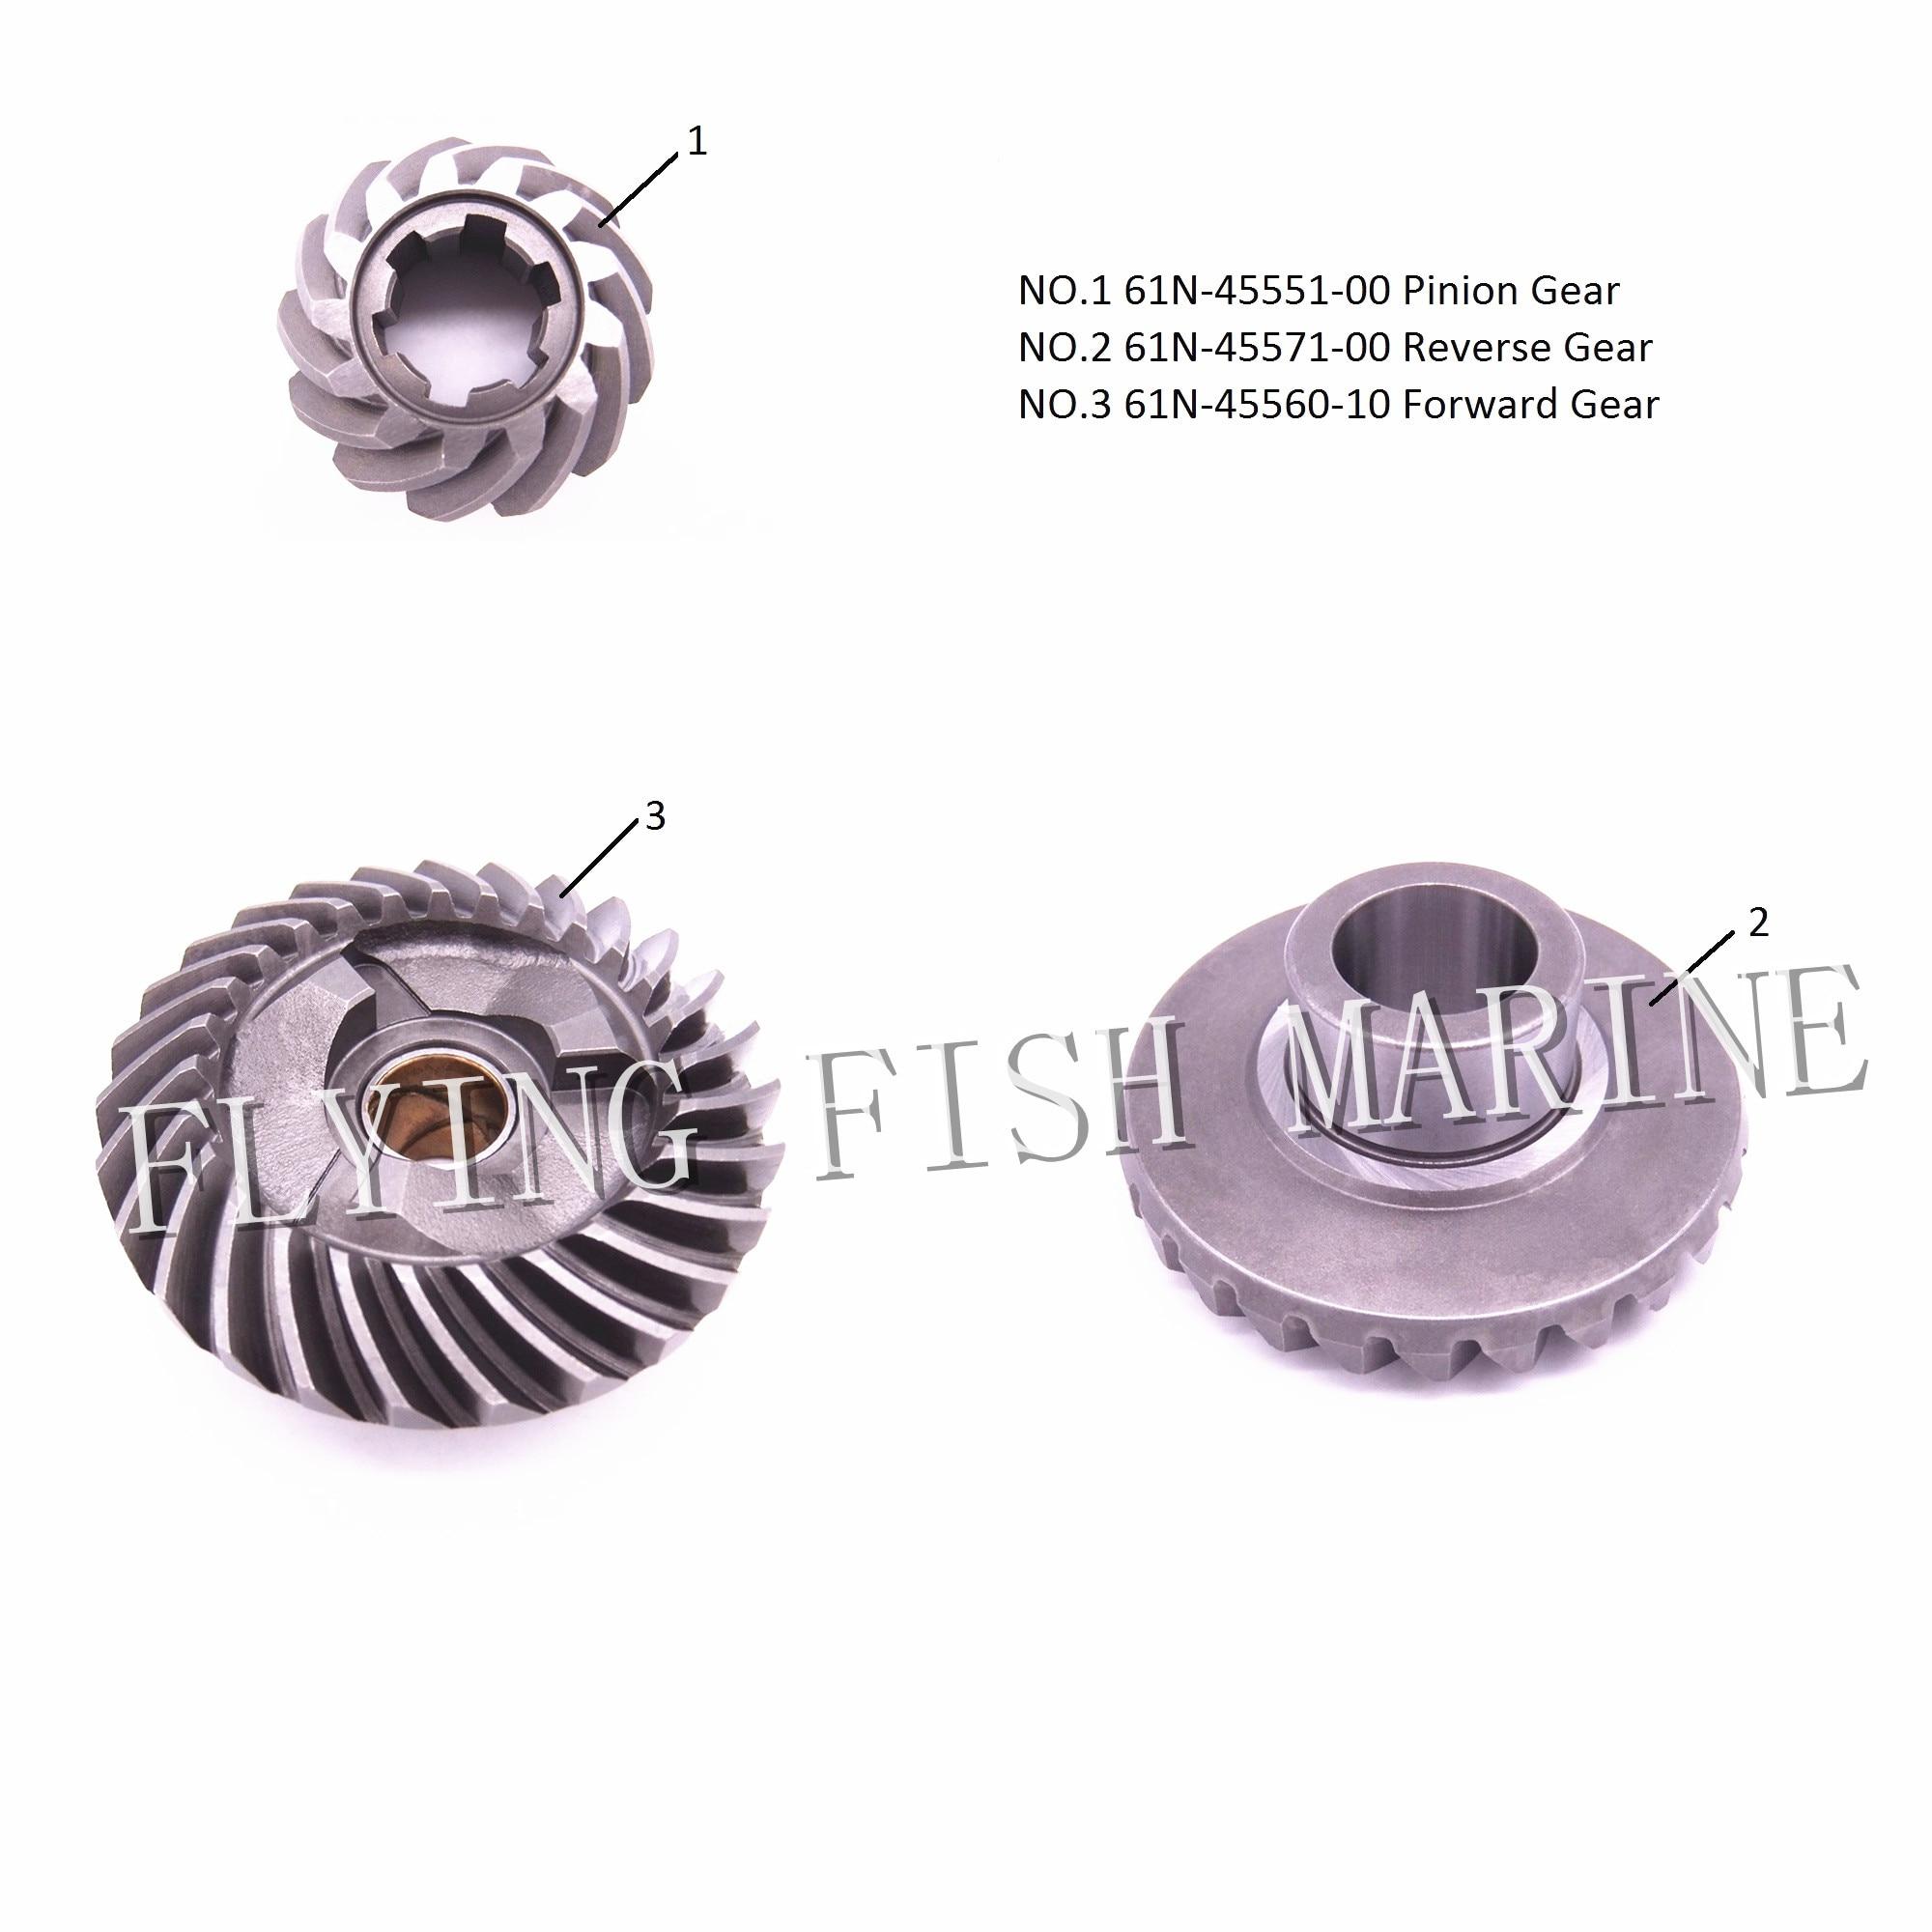 Outboard Engine 61N-45551-00 Pinion & 61N-45571-00 Reverse & 61N-45560-10 Forward Gear for Yamaha F25 E25B E30H 25B 30H 9vn1030d2l 00 10